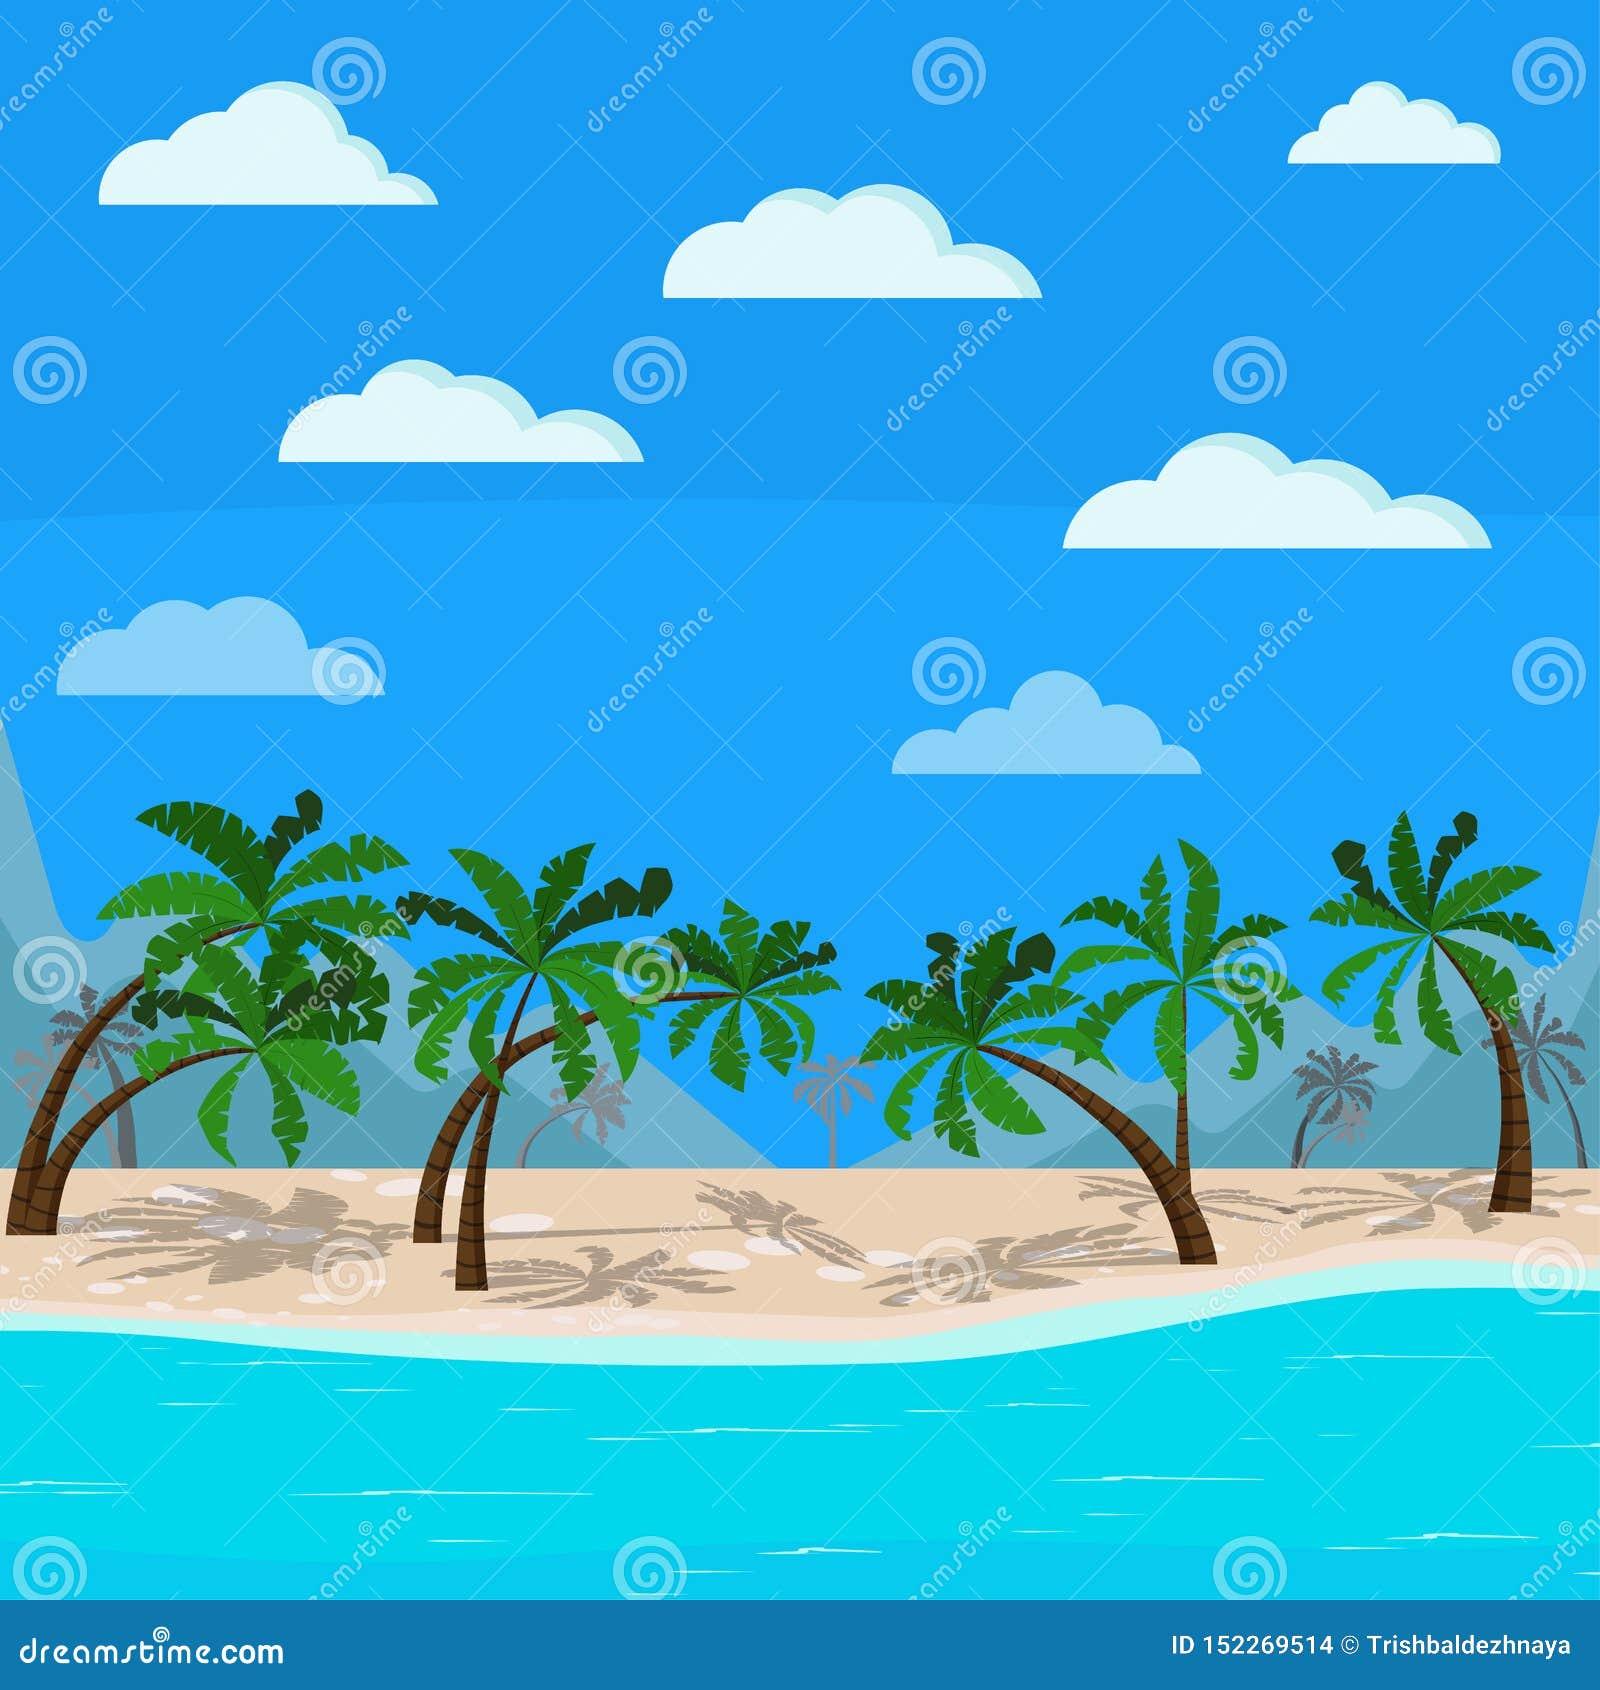 Montanhas bonitas e paisagem do mar: oceano azul, palmeiras, nuvens, litoral da areia